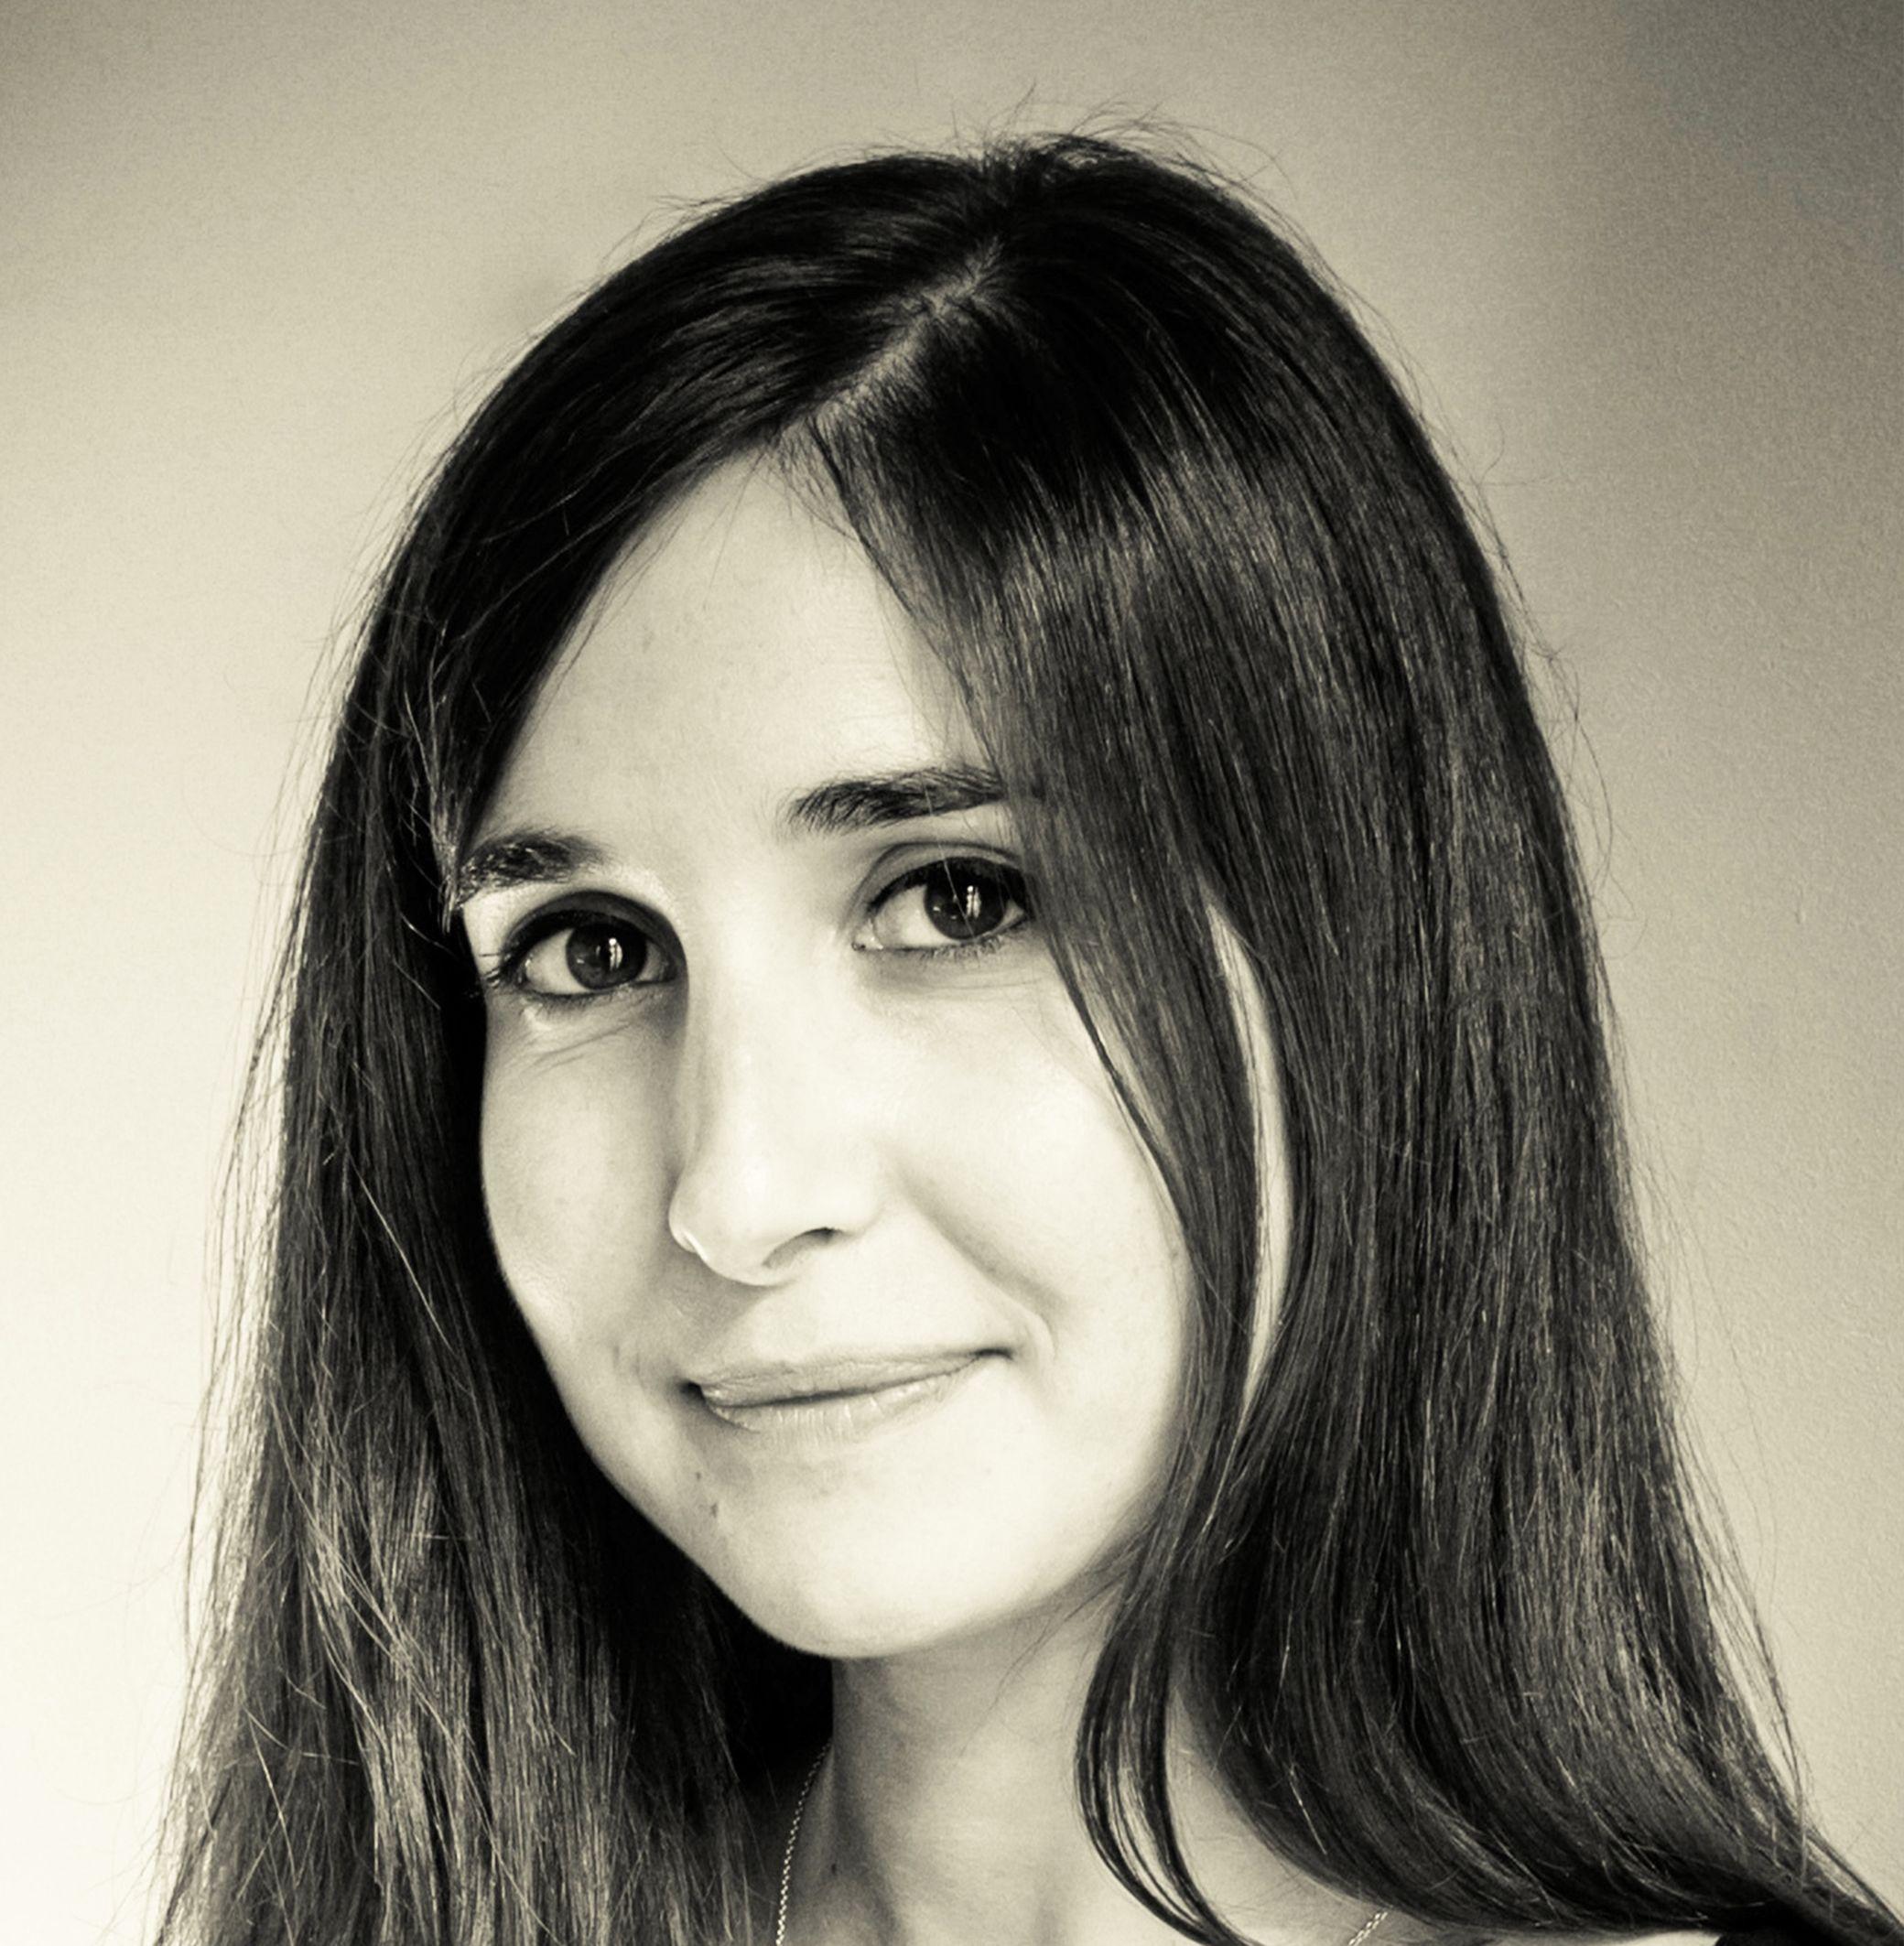 Pauline Laigneau est la cofondatrice de Gemmyo, marque de joaillerie sur-mesure et en ligne utilisant l'impression 3D